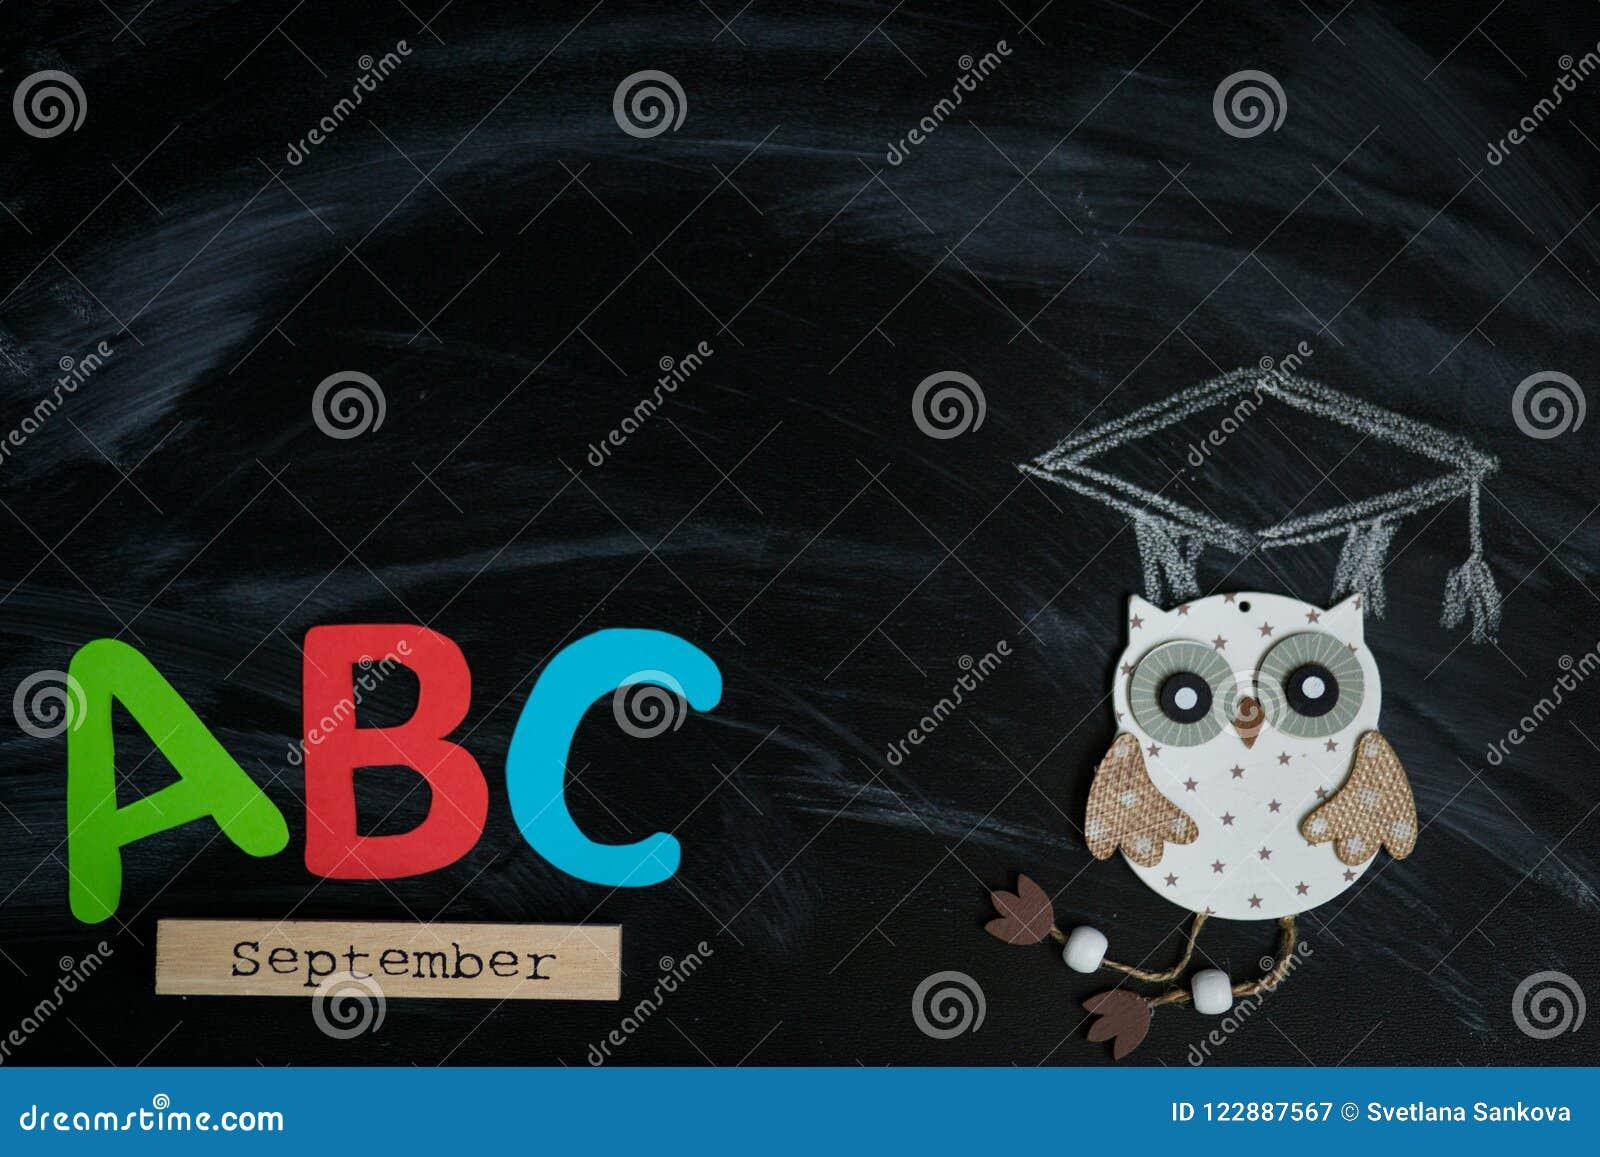 Many multicolored letters on blackboard